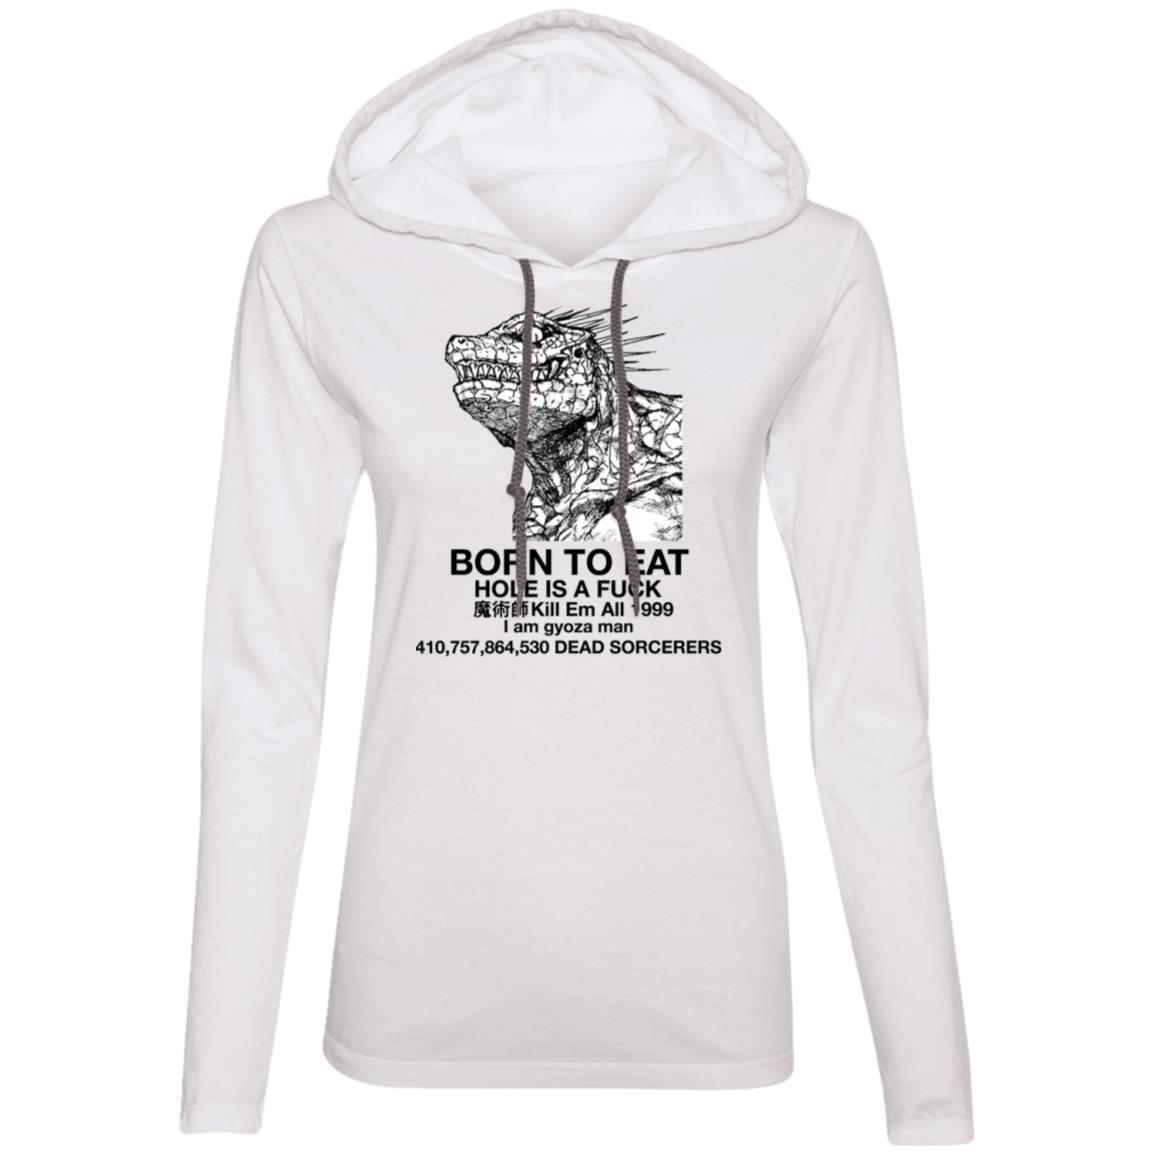 887L Ladies' LS T-Shirt Hoodie